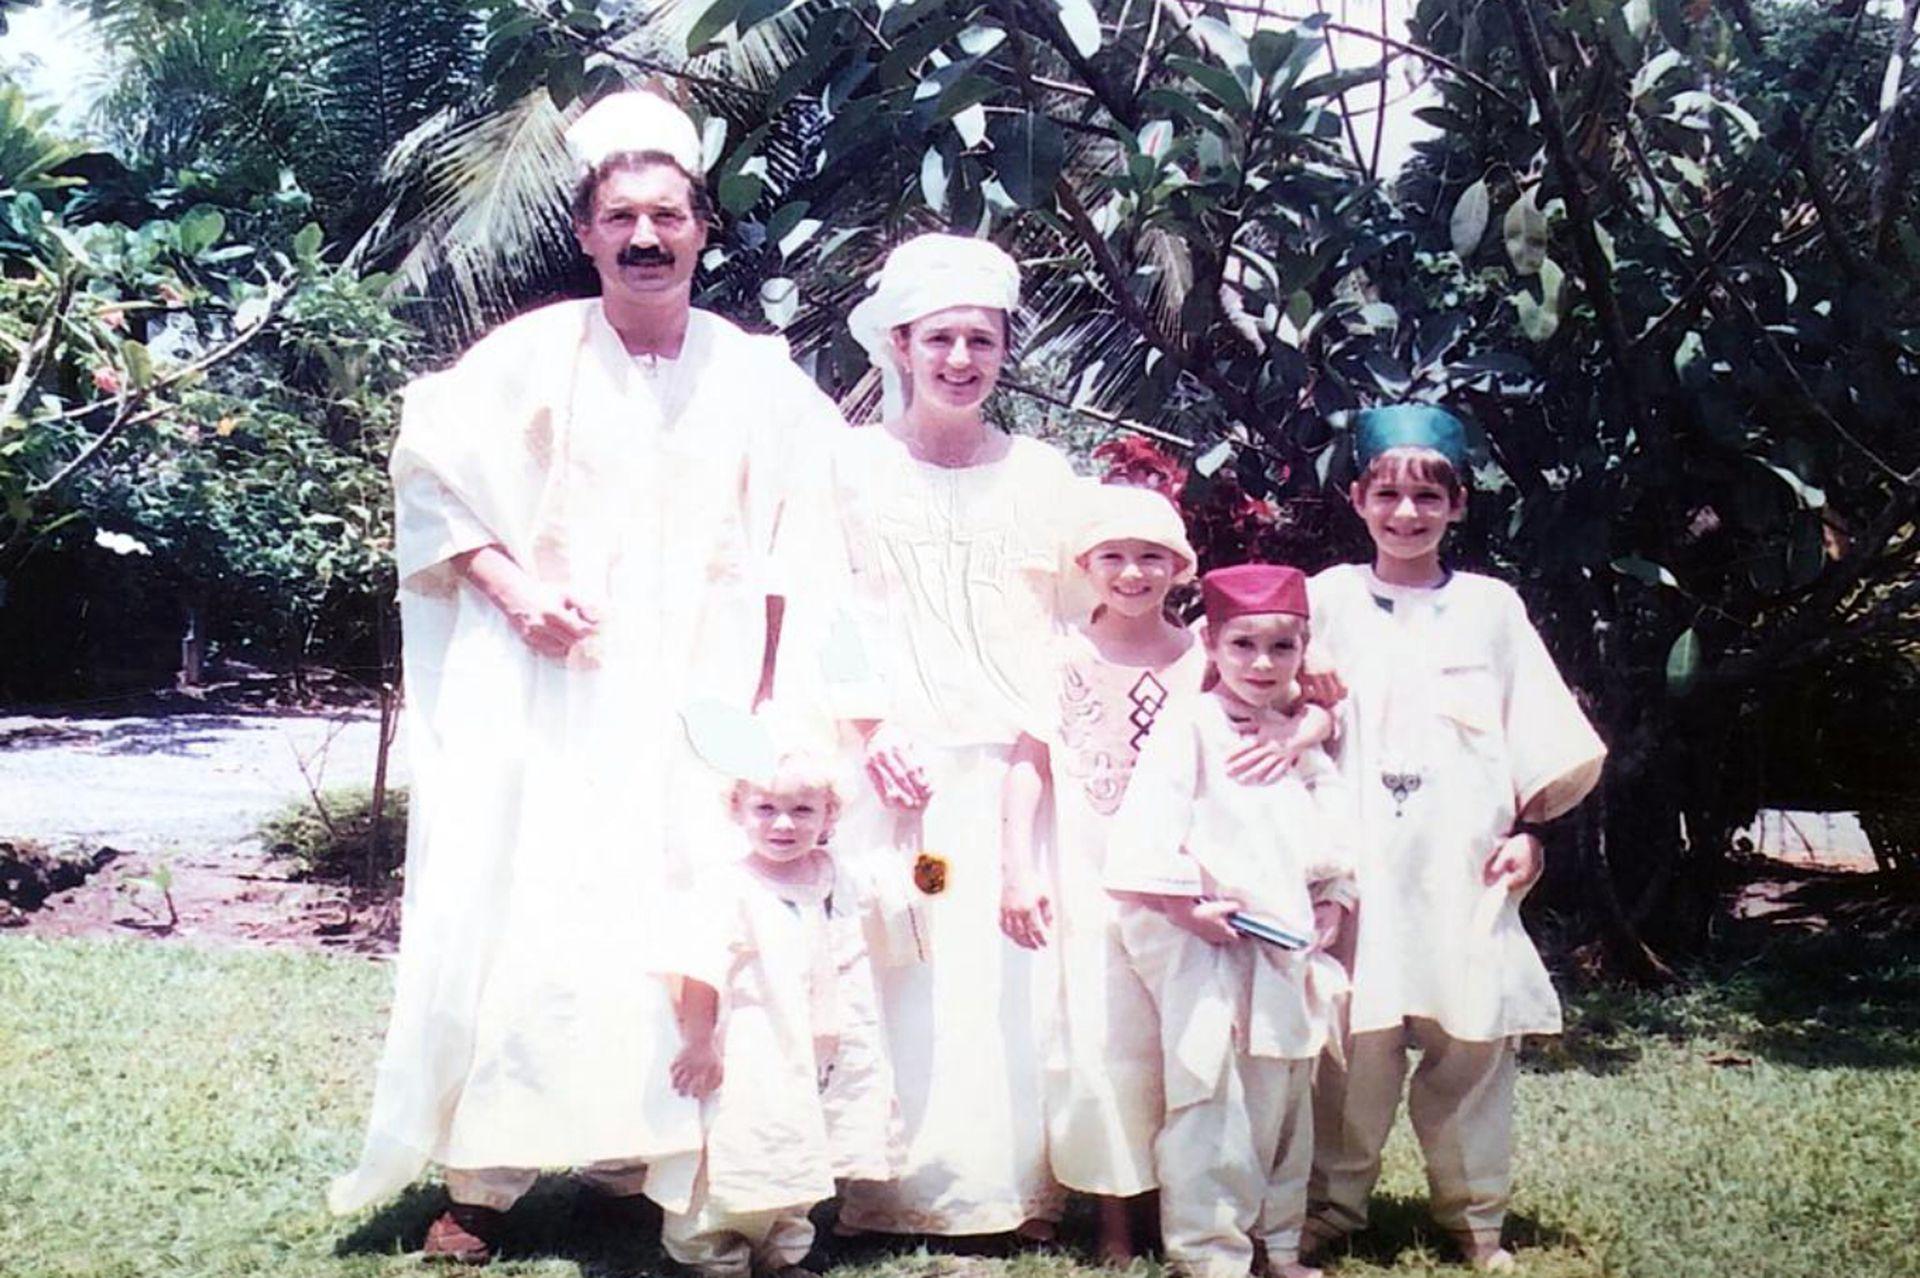 Vestidos con trajes típicos en Nigeria.